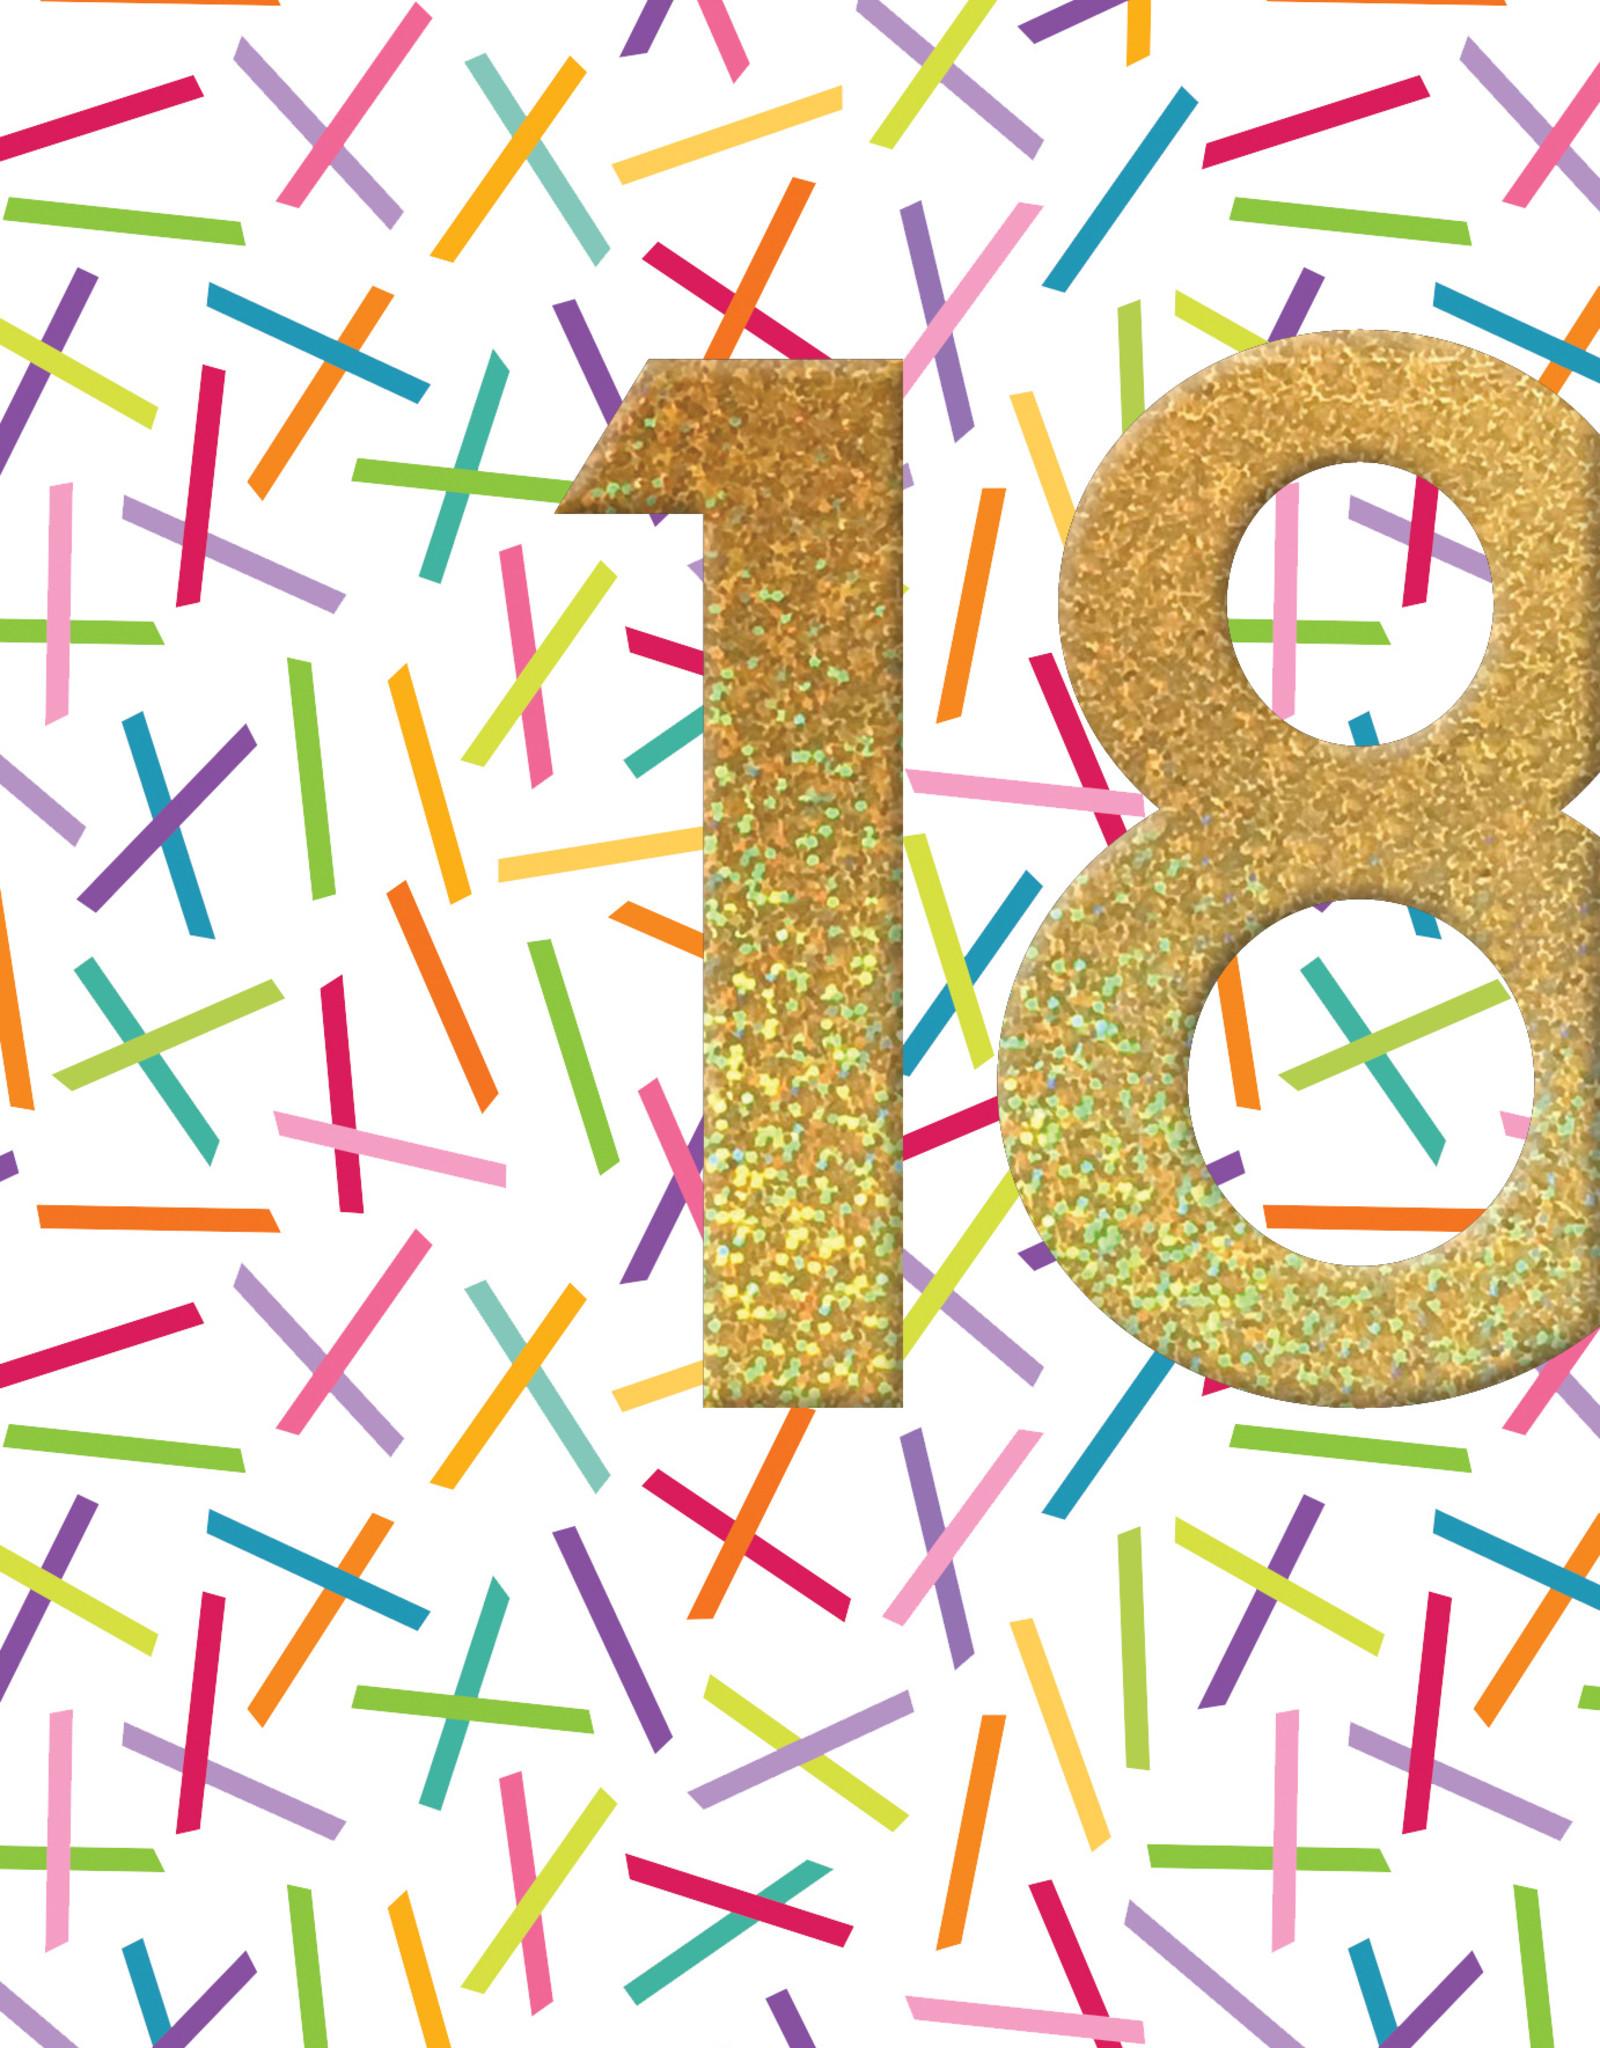 Pictura Pictura - 18th Birthday Card 60597